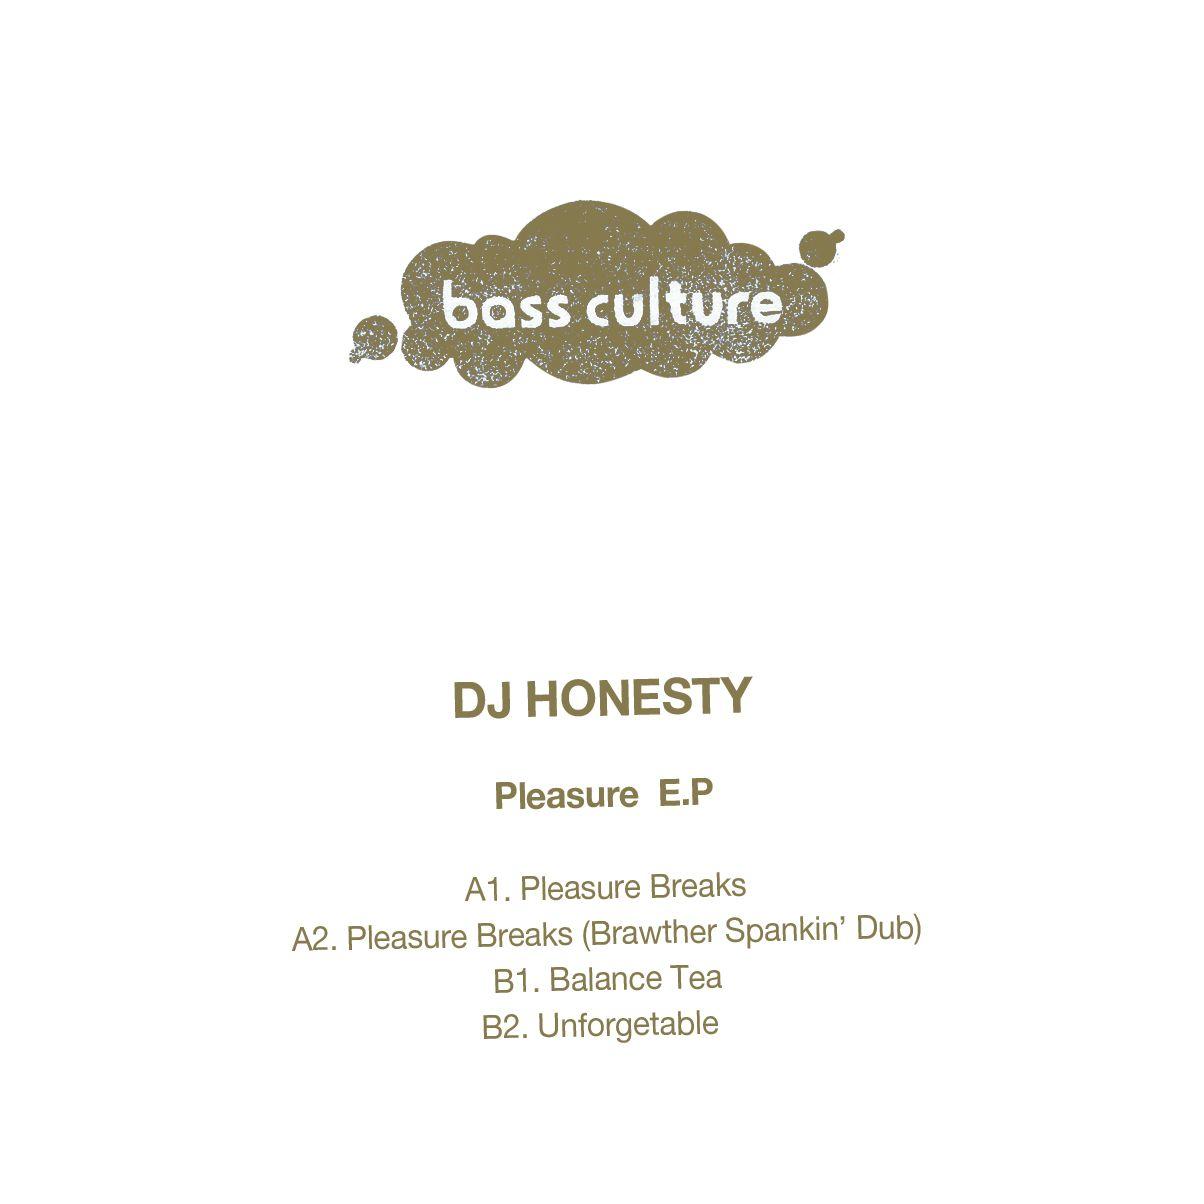 DJ Honesty - Pleasure E.P.